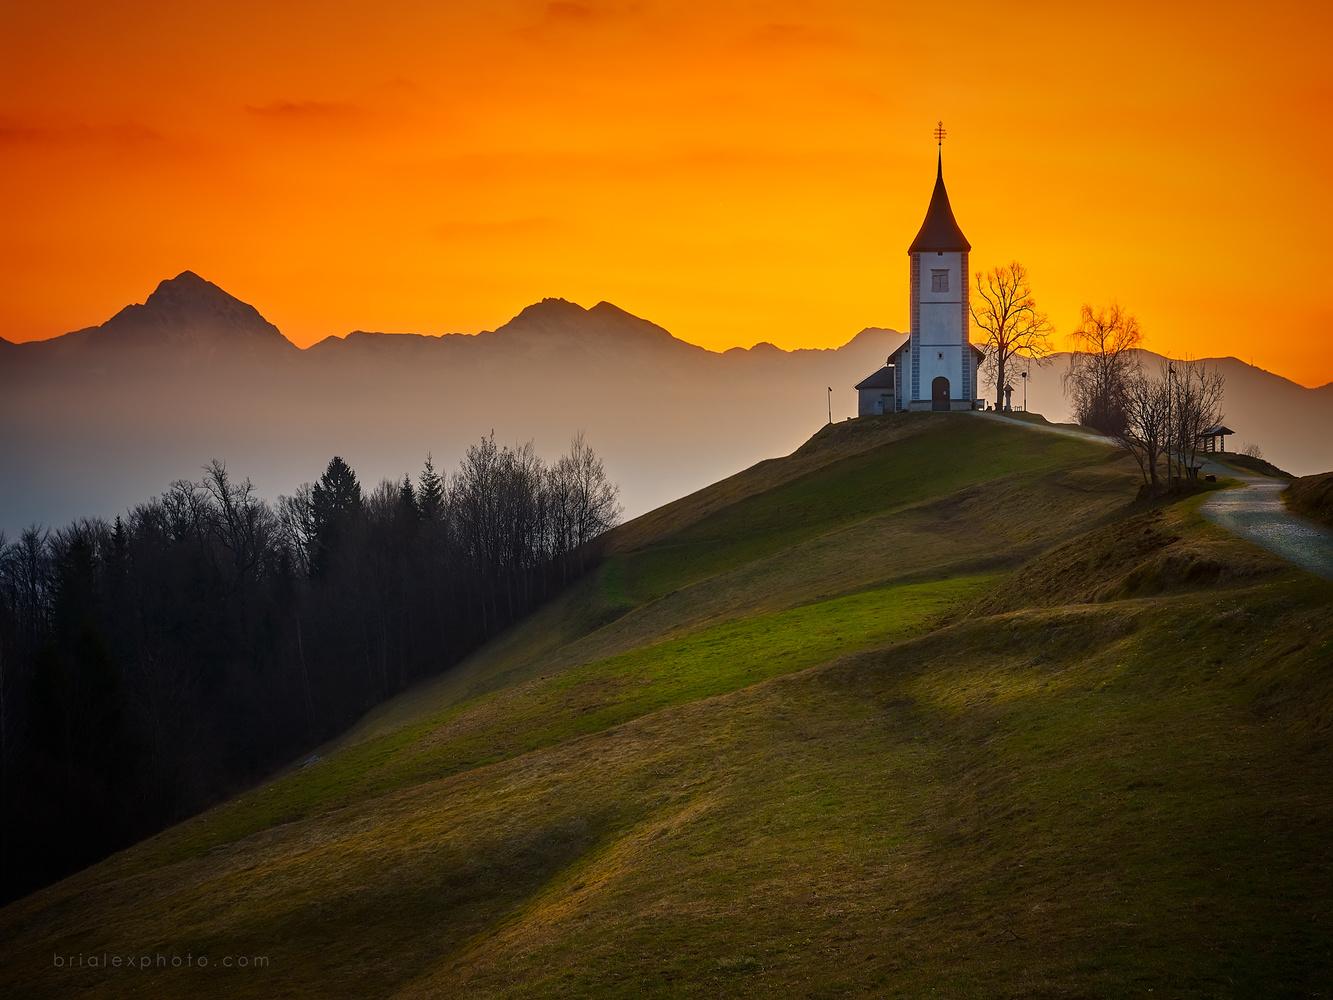 Eternity by Brighilă Alex